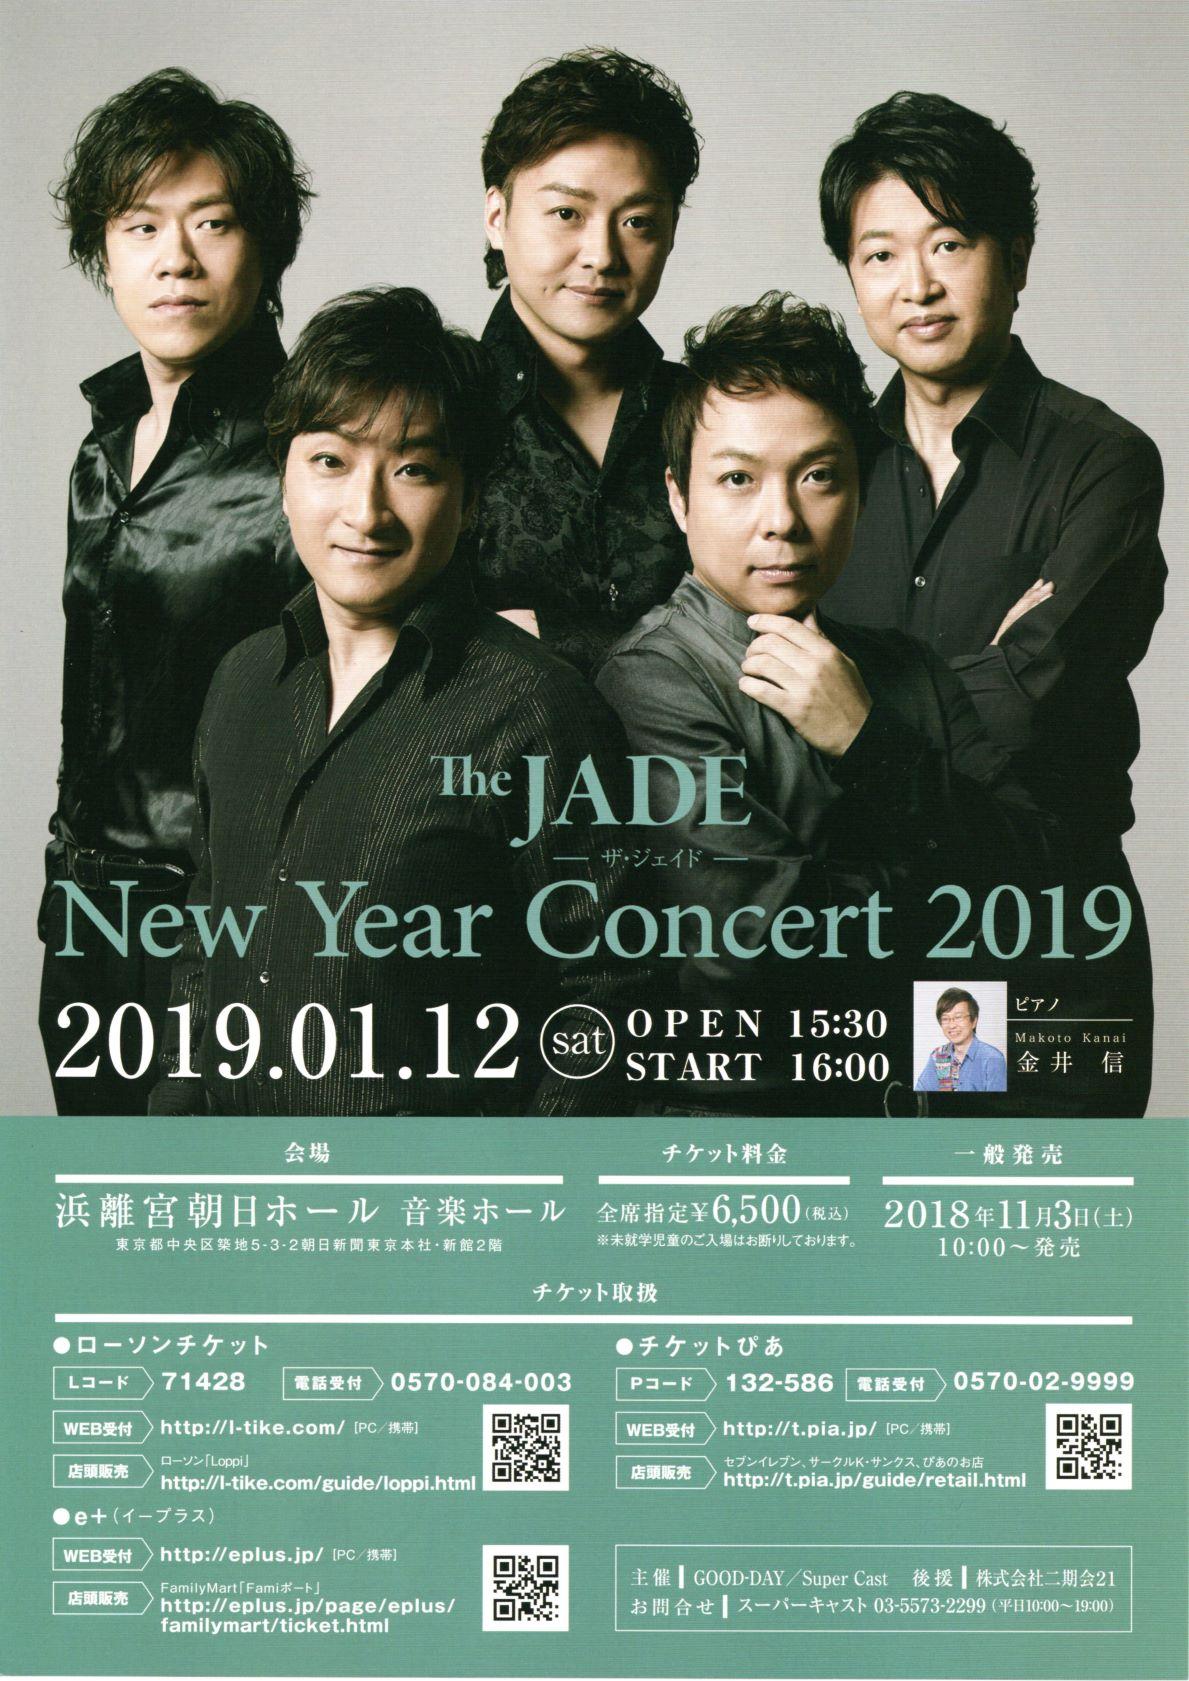 TheJADEニューイヤーコンサート2019のイメージ